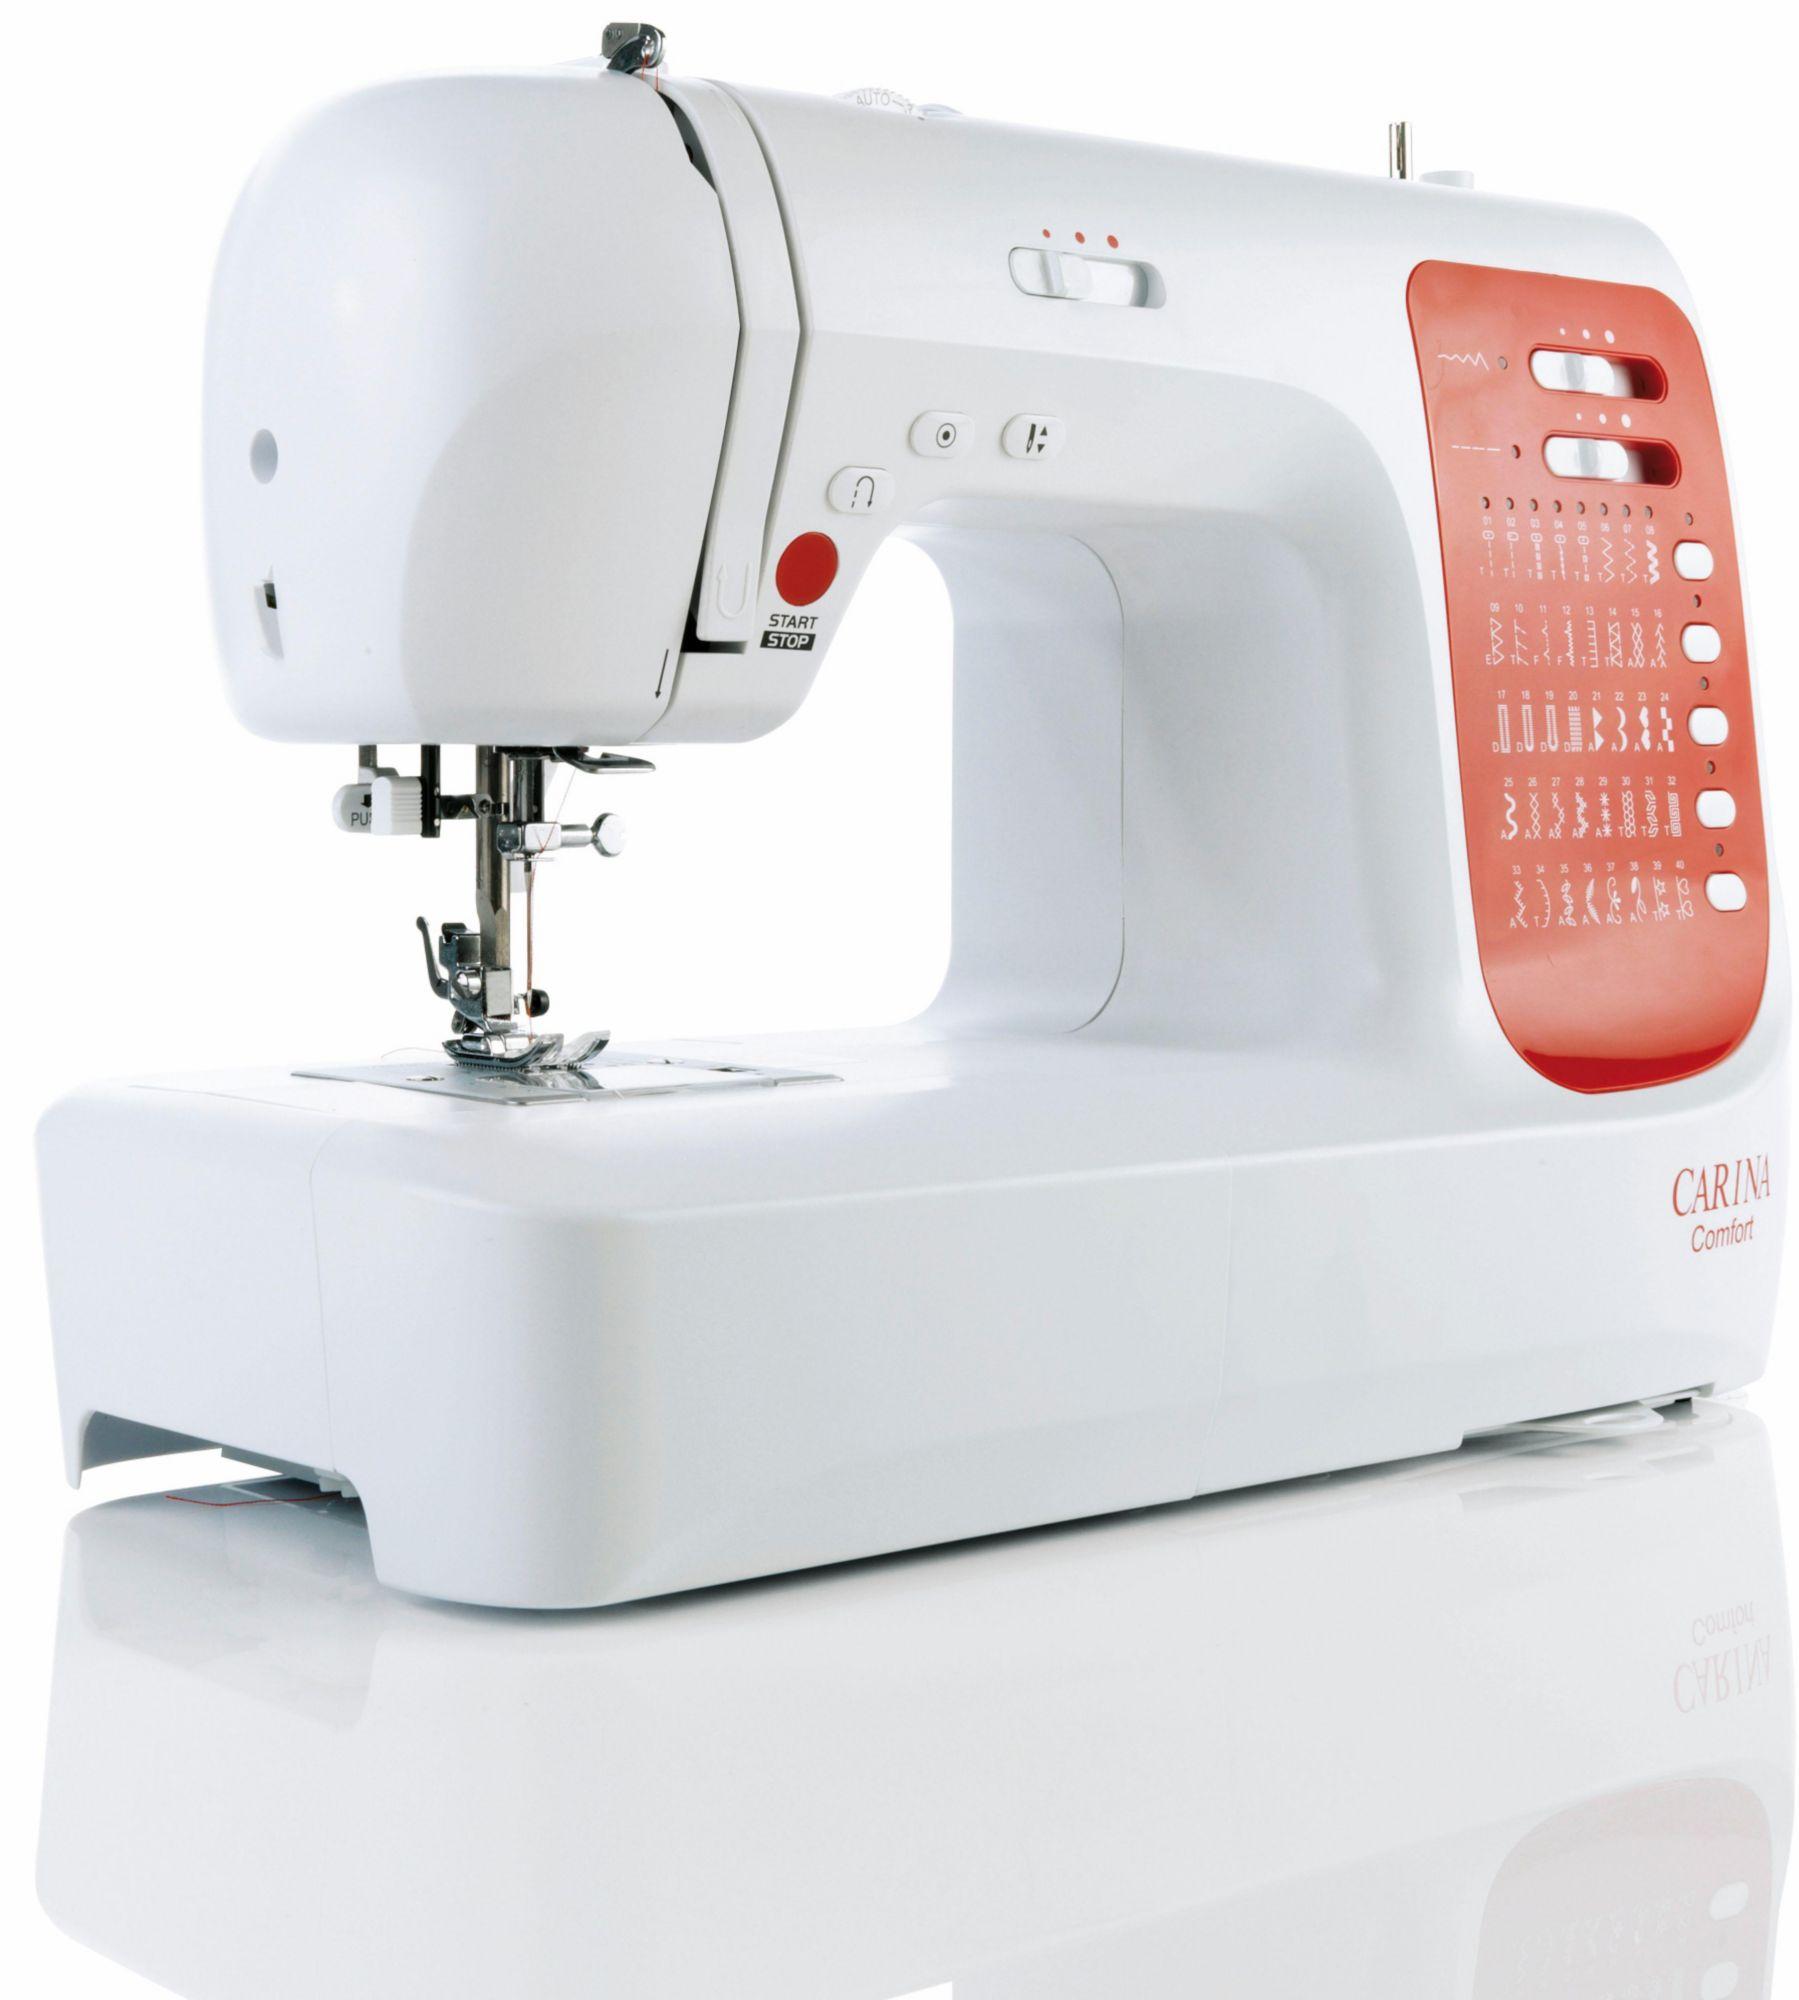 CARINA Carina Computer-Nähmaschine Comfort, 40 Stichprogramme, mit Zubehör